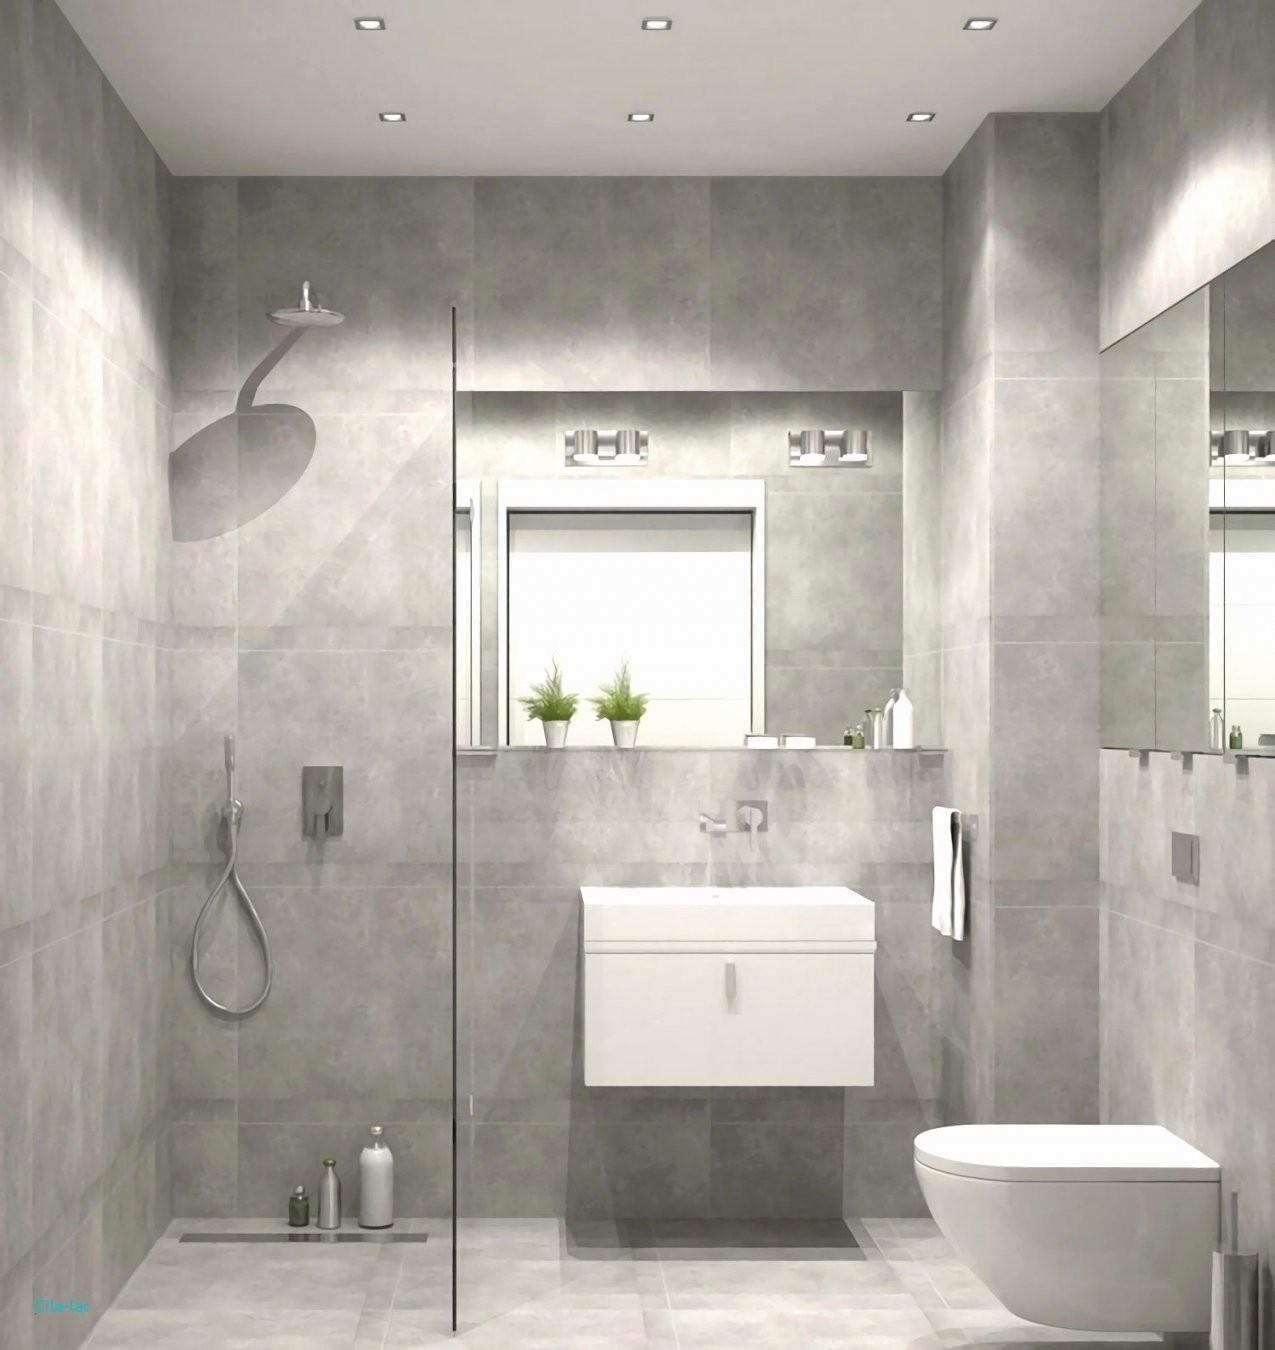 Schön Waschbecken Für Kleine Bäder Bereitstellen Deine Komfortabel von Waschbecken Für Kleine Bäder Photo